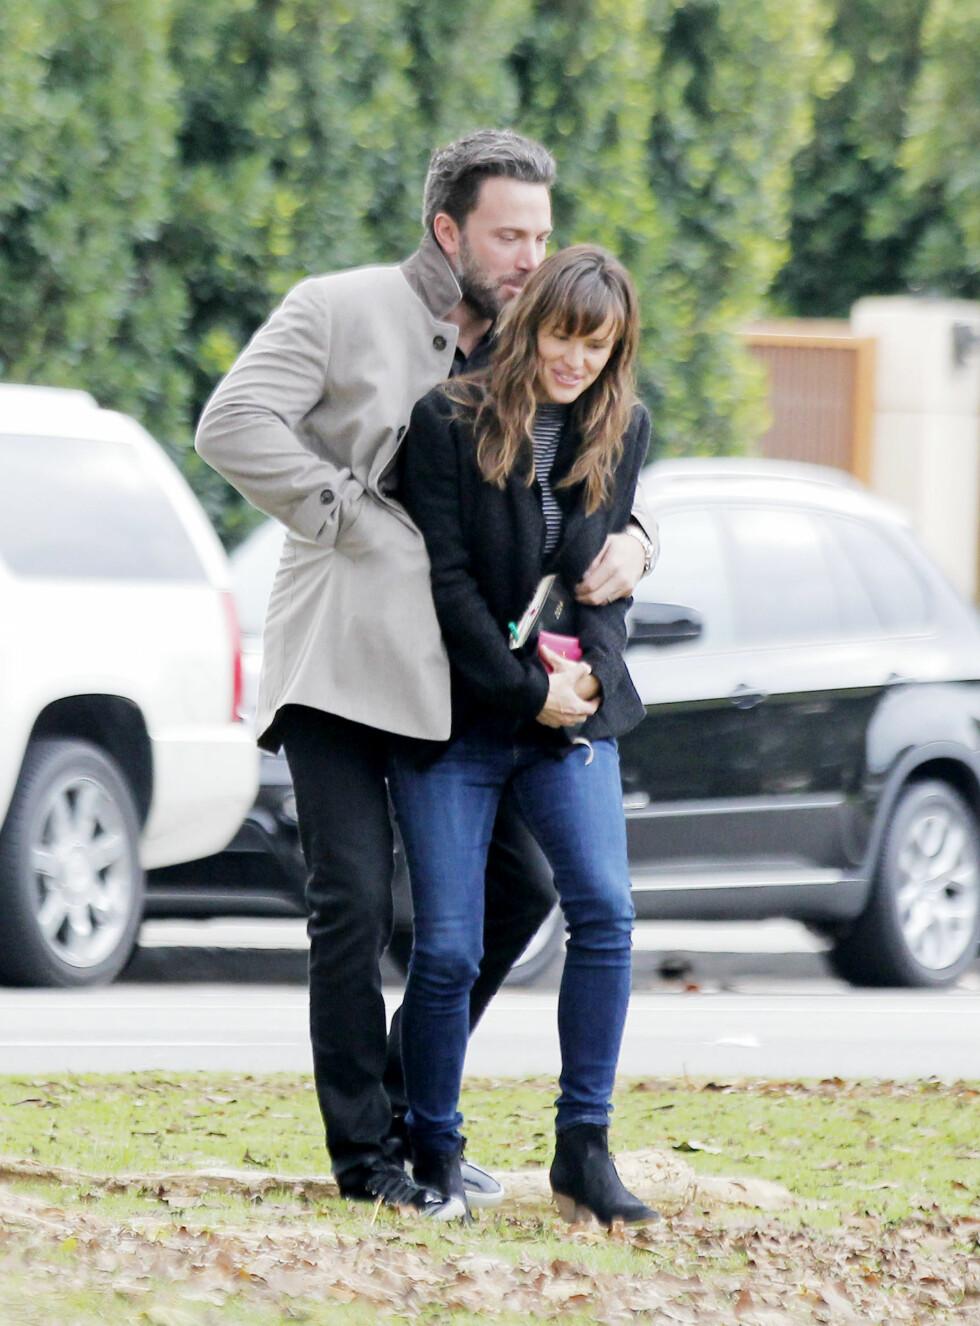 Tidligere denne måneden kom nyheten om at skuespillerparet Ben Affleck og Jennifer Garner skal skilles. Her er de sammen i 2013. Foto: Scanpix